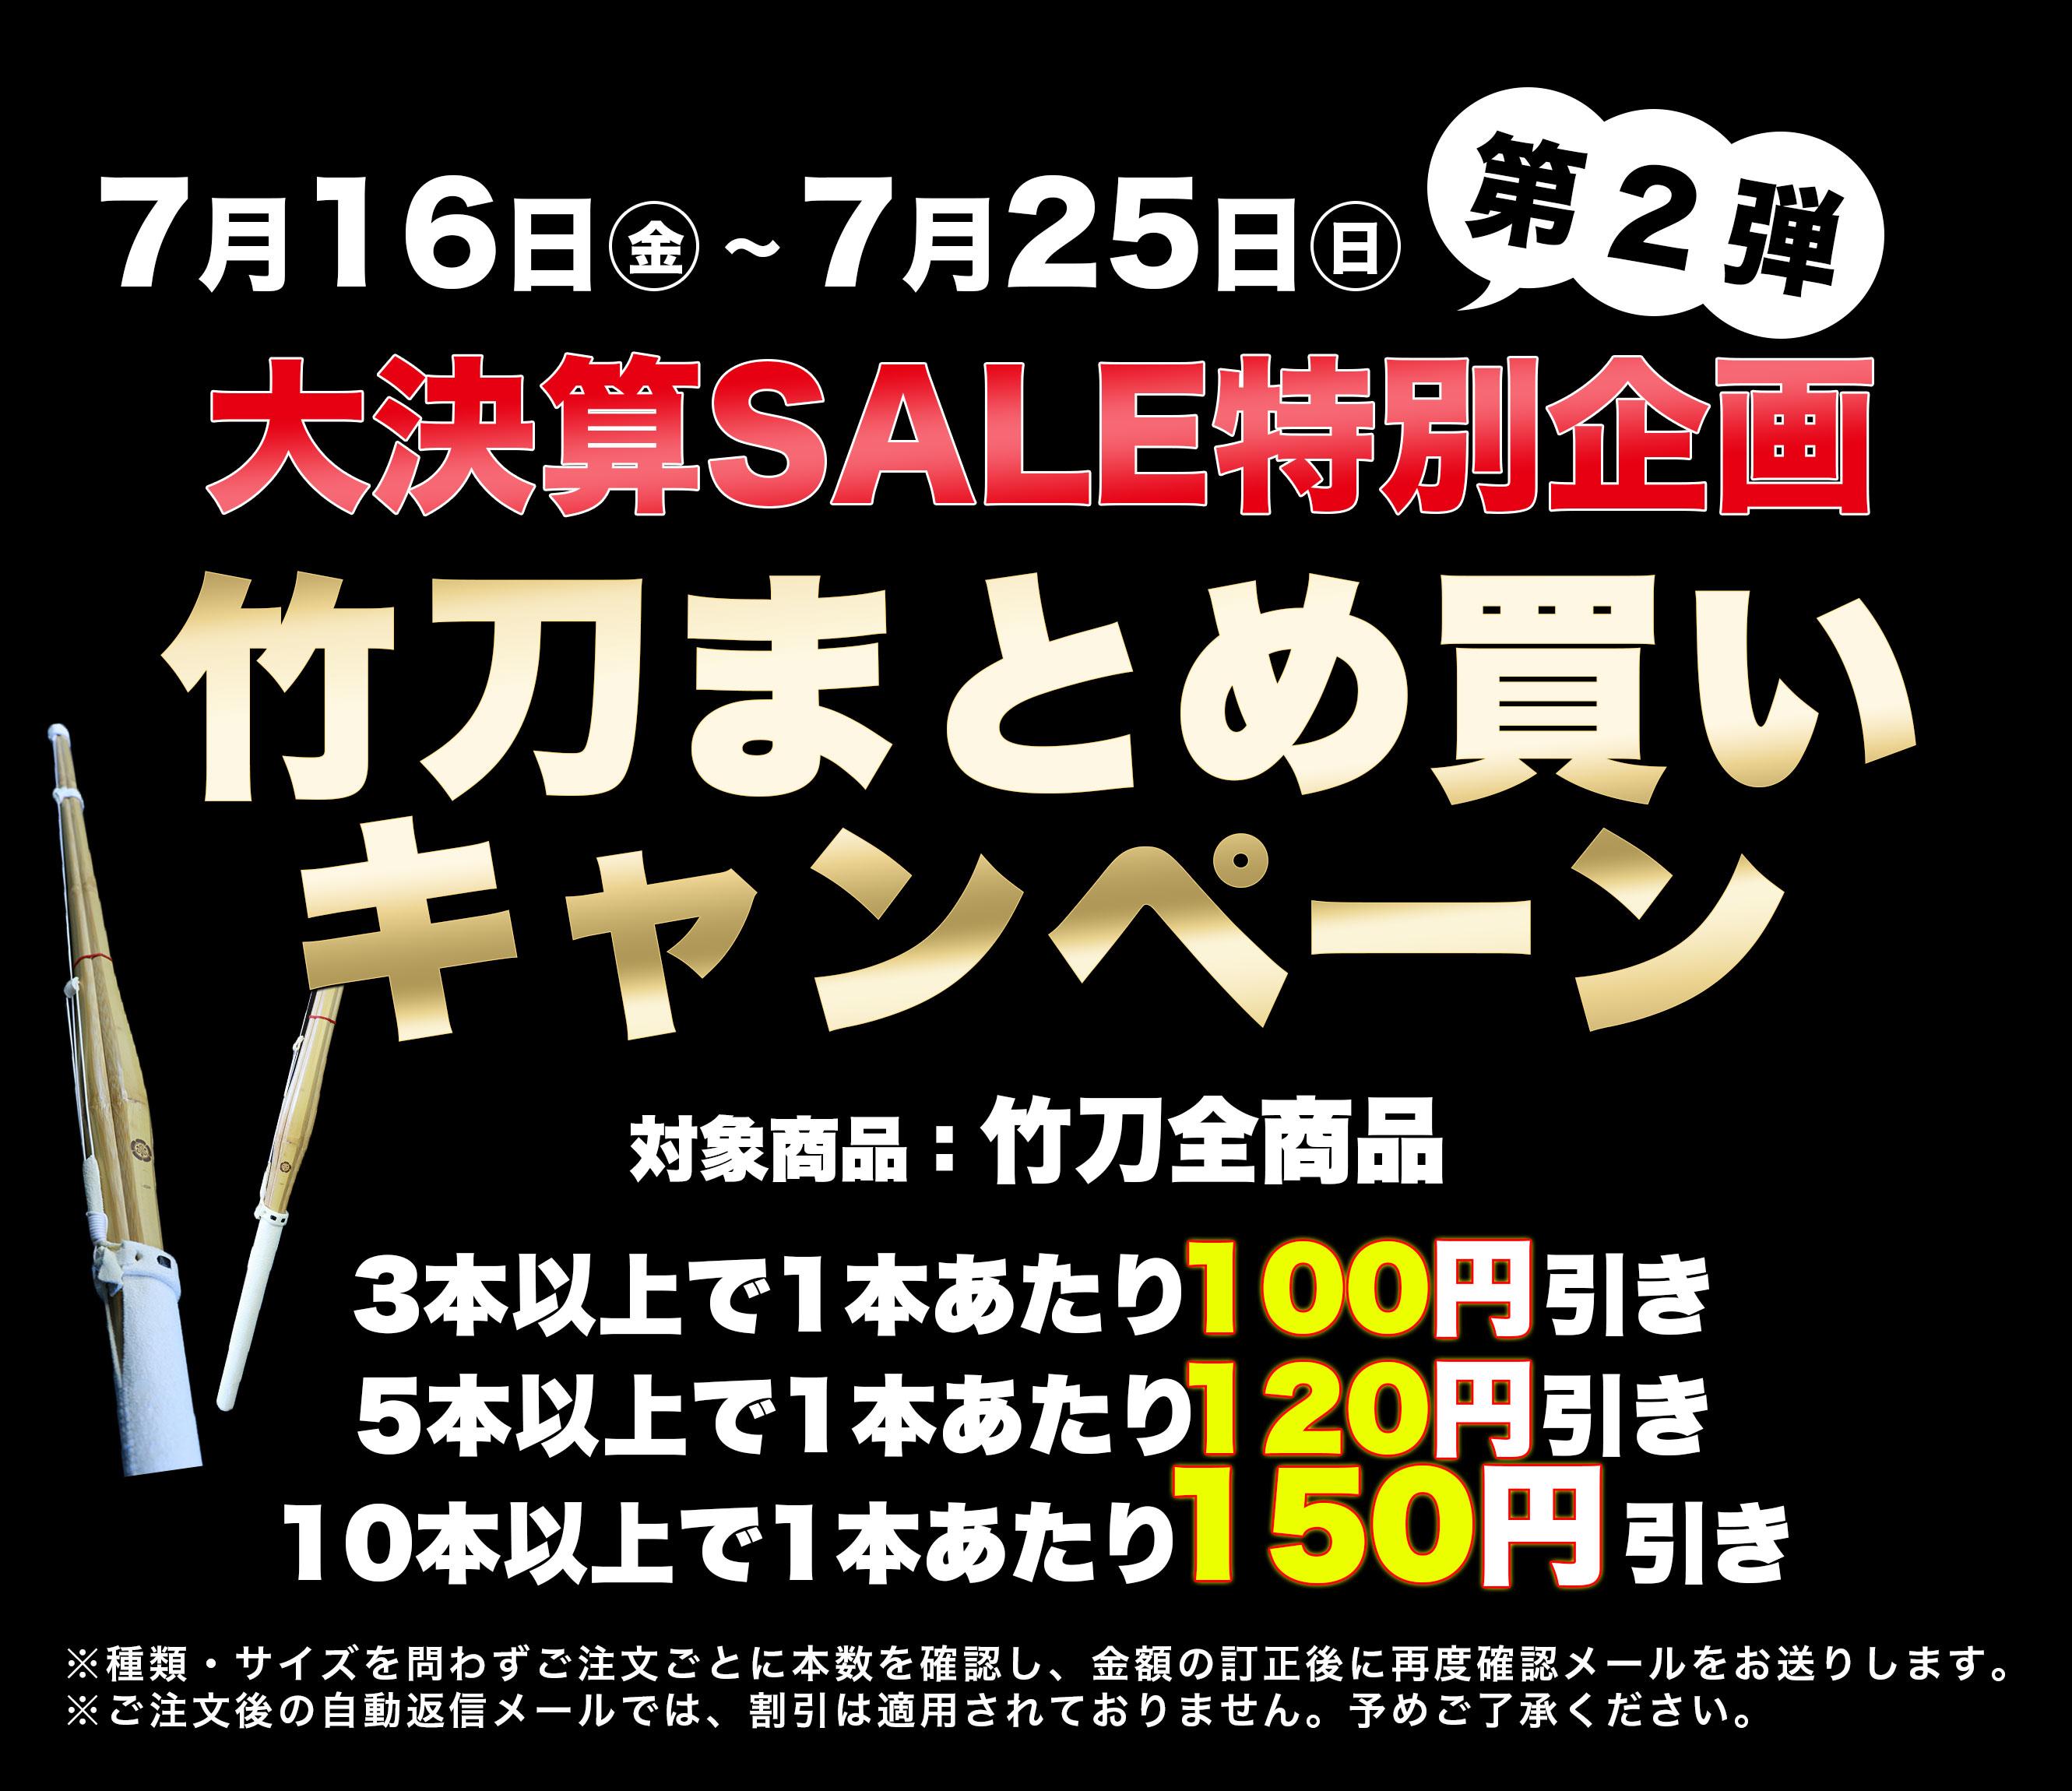 竹刀商品まとめ買いセール開催中!